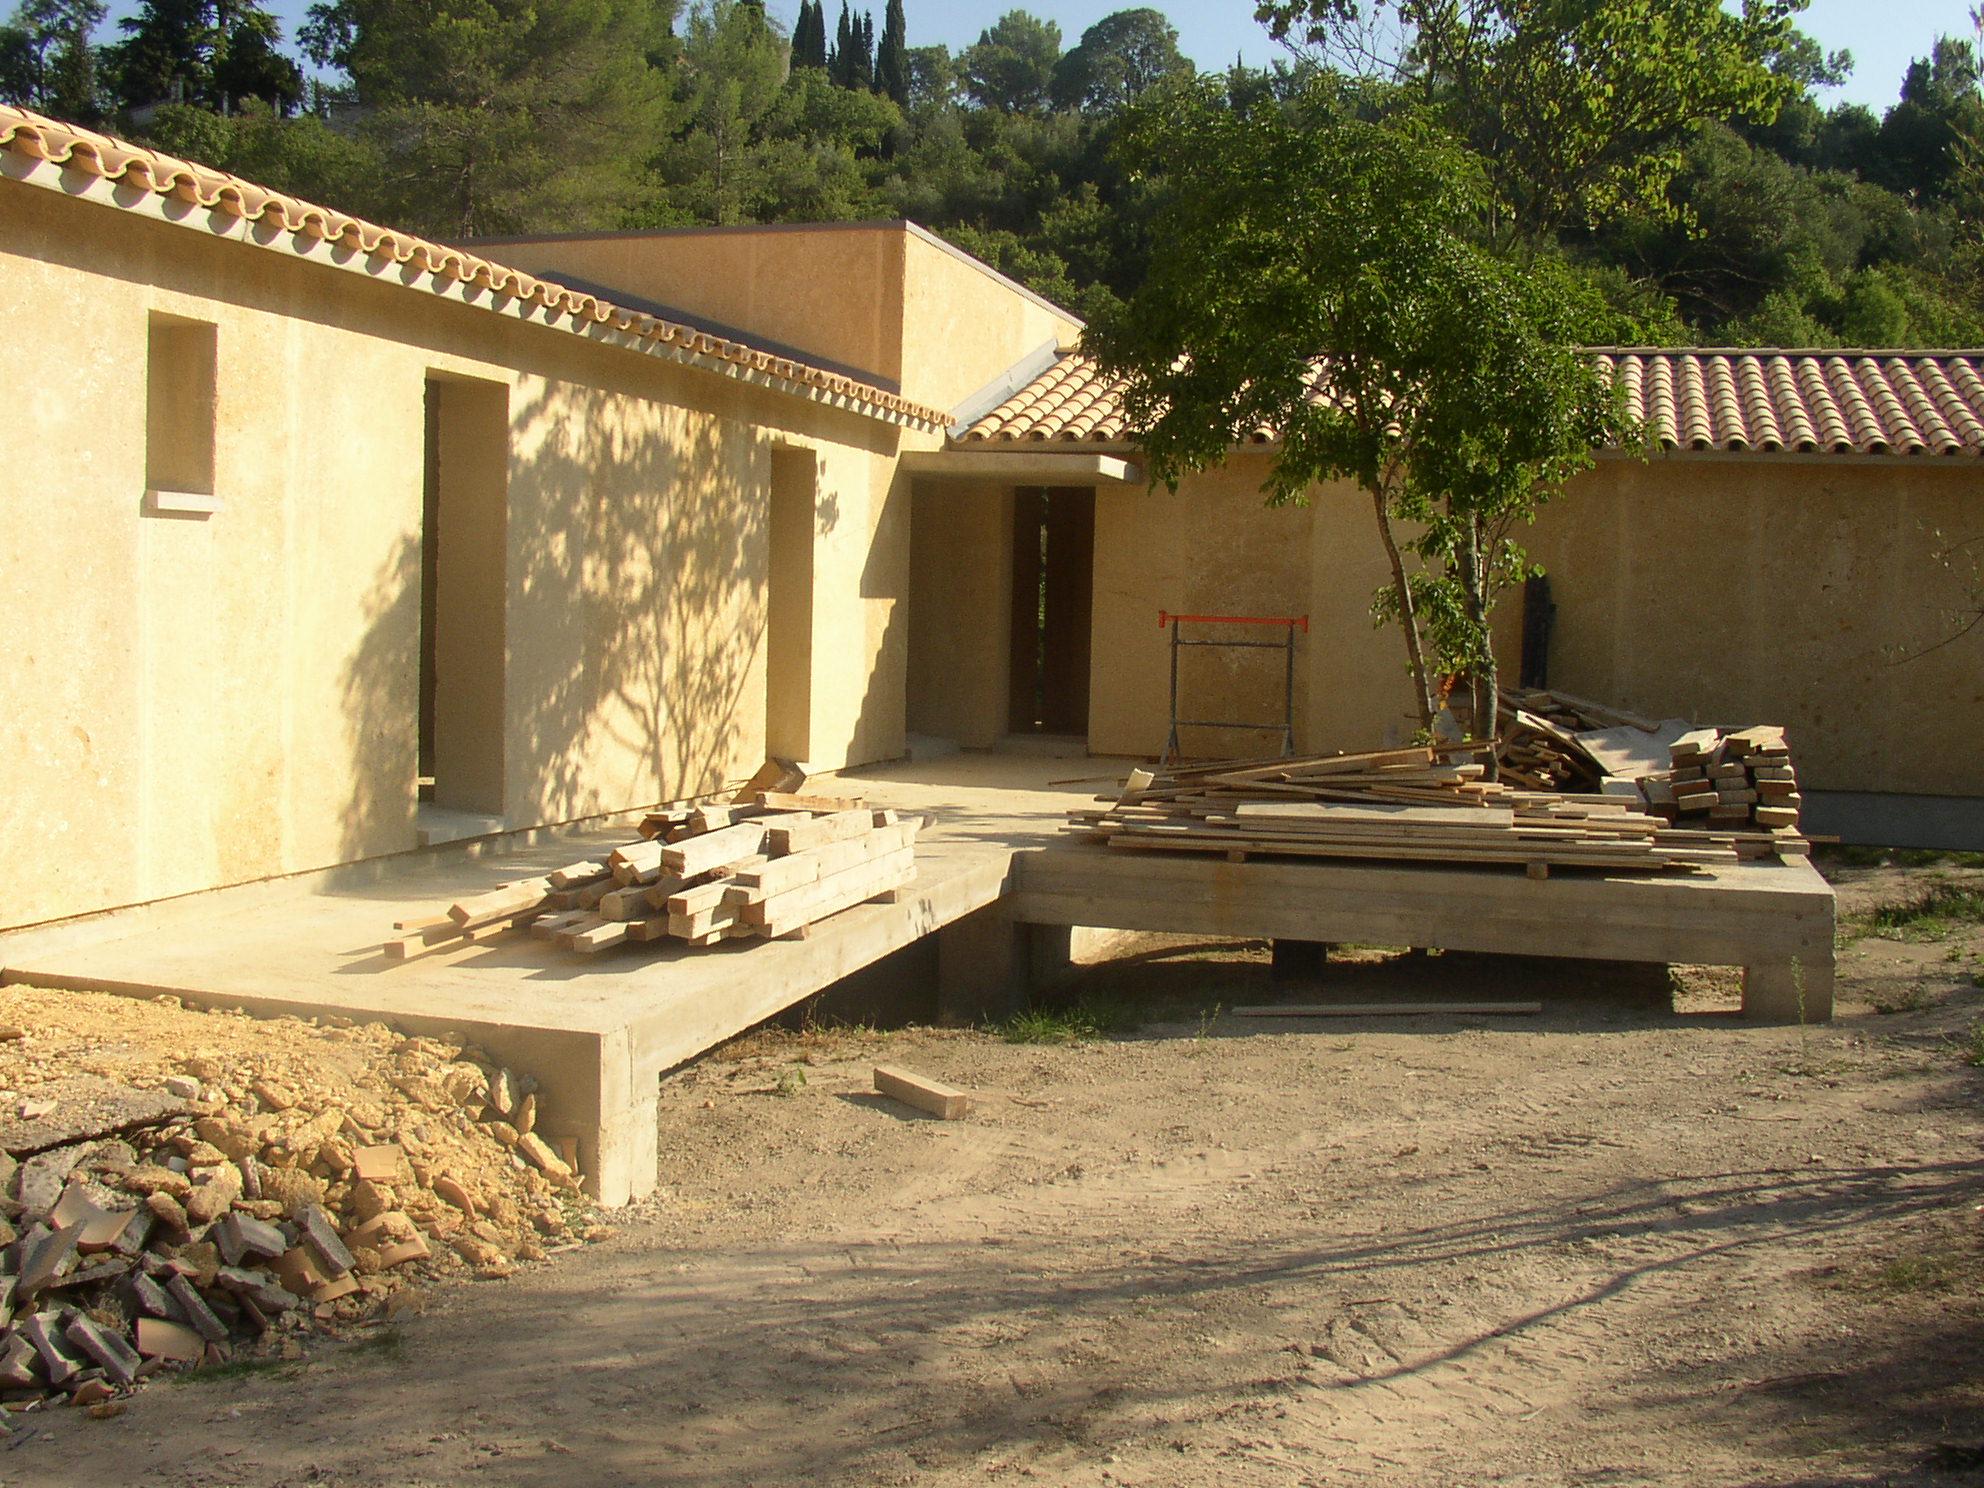 Desportes rénovation, Gard. Sommières maison en pierres massives. Toiture traditionnelle en tuile canal. Débord de toiture en béton.